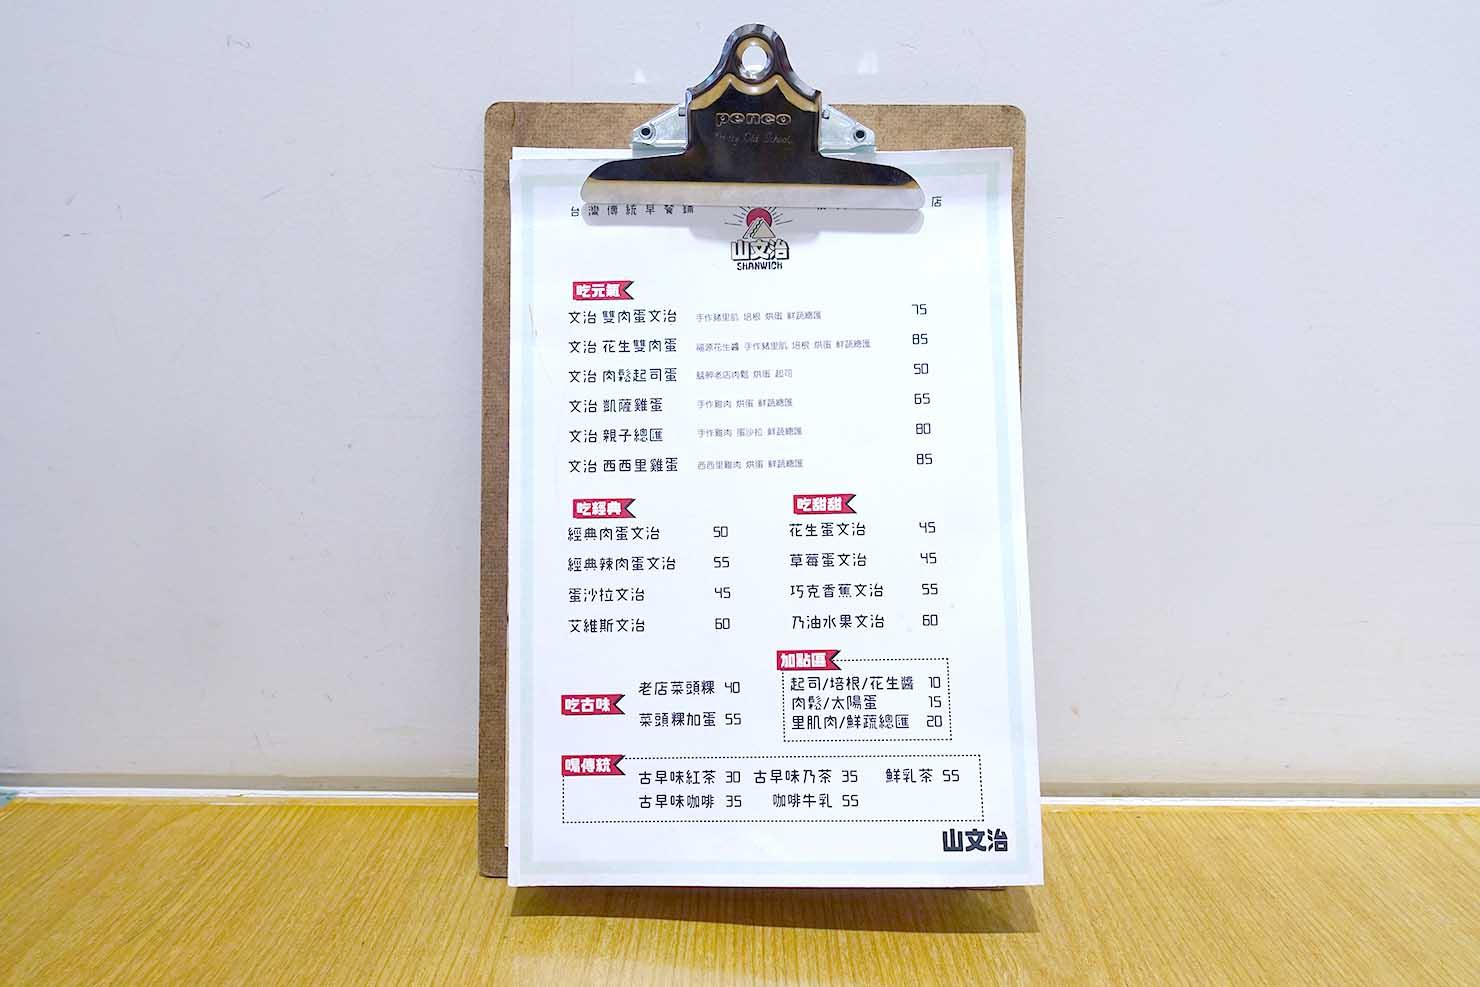 台北・西門町のおすすめ朝ごはん屋さん「山文治」のメニュー